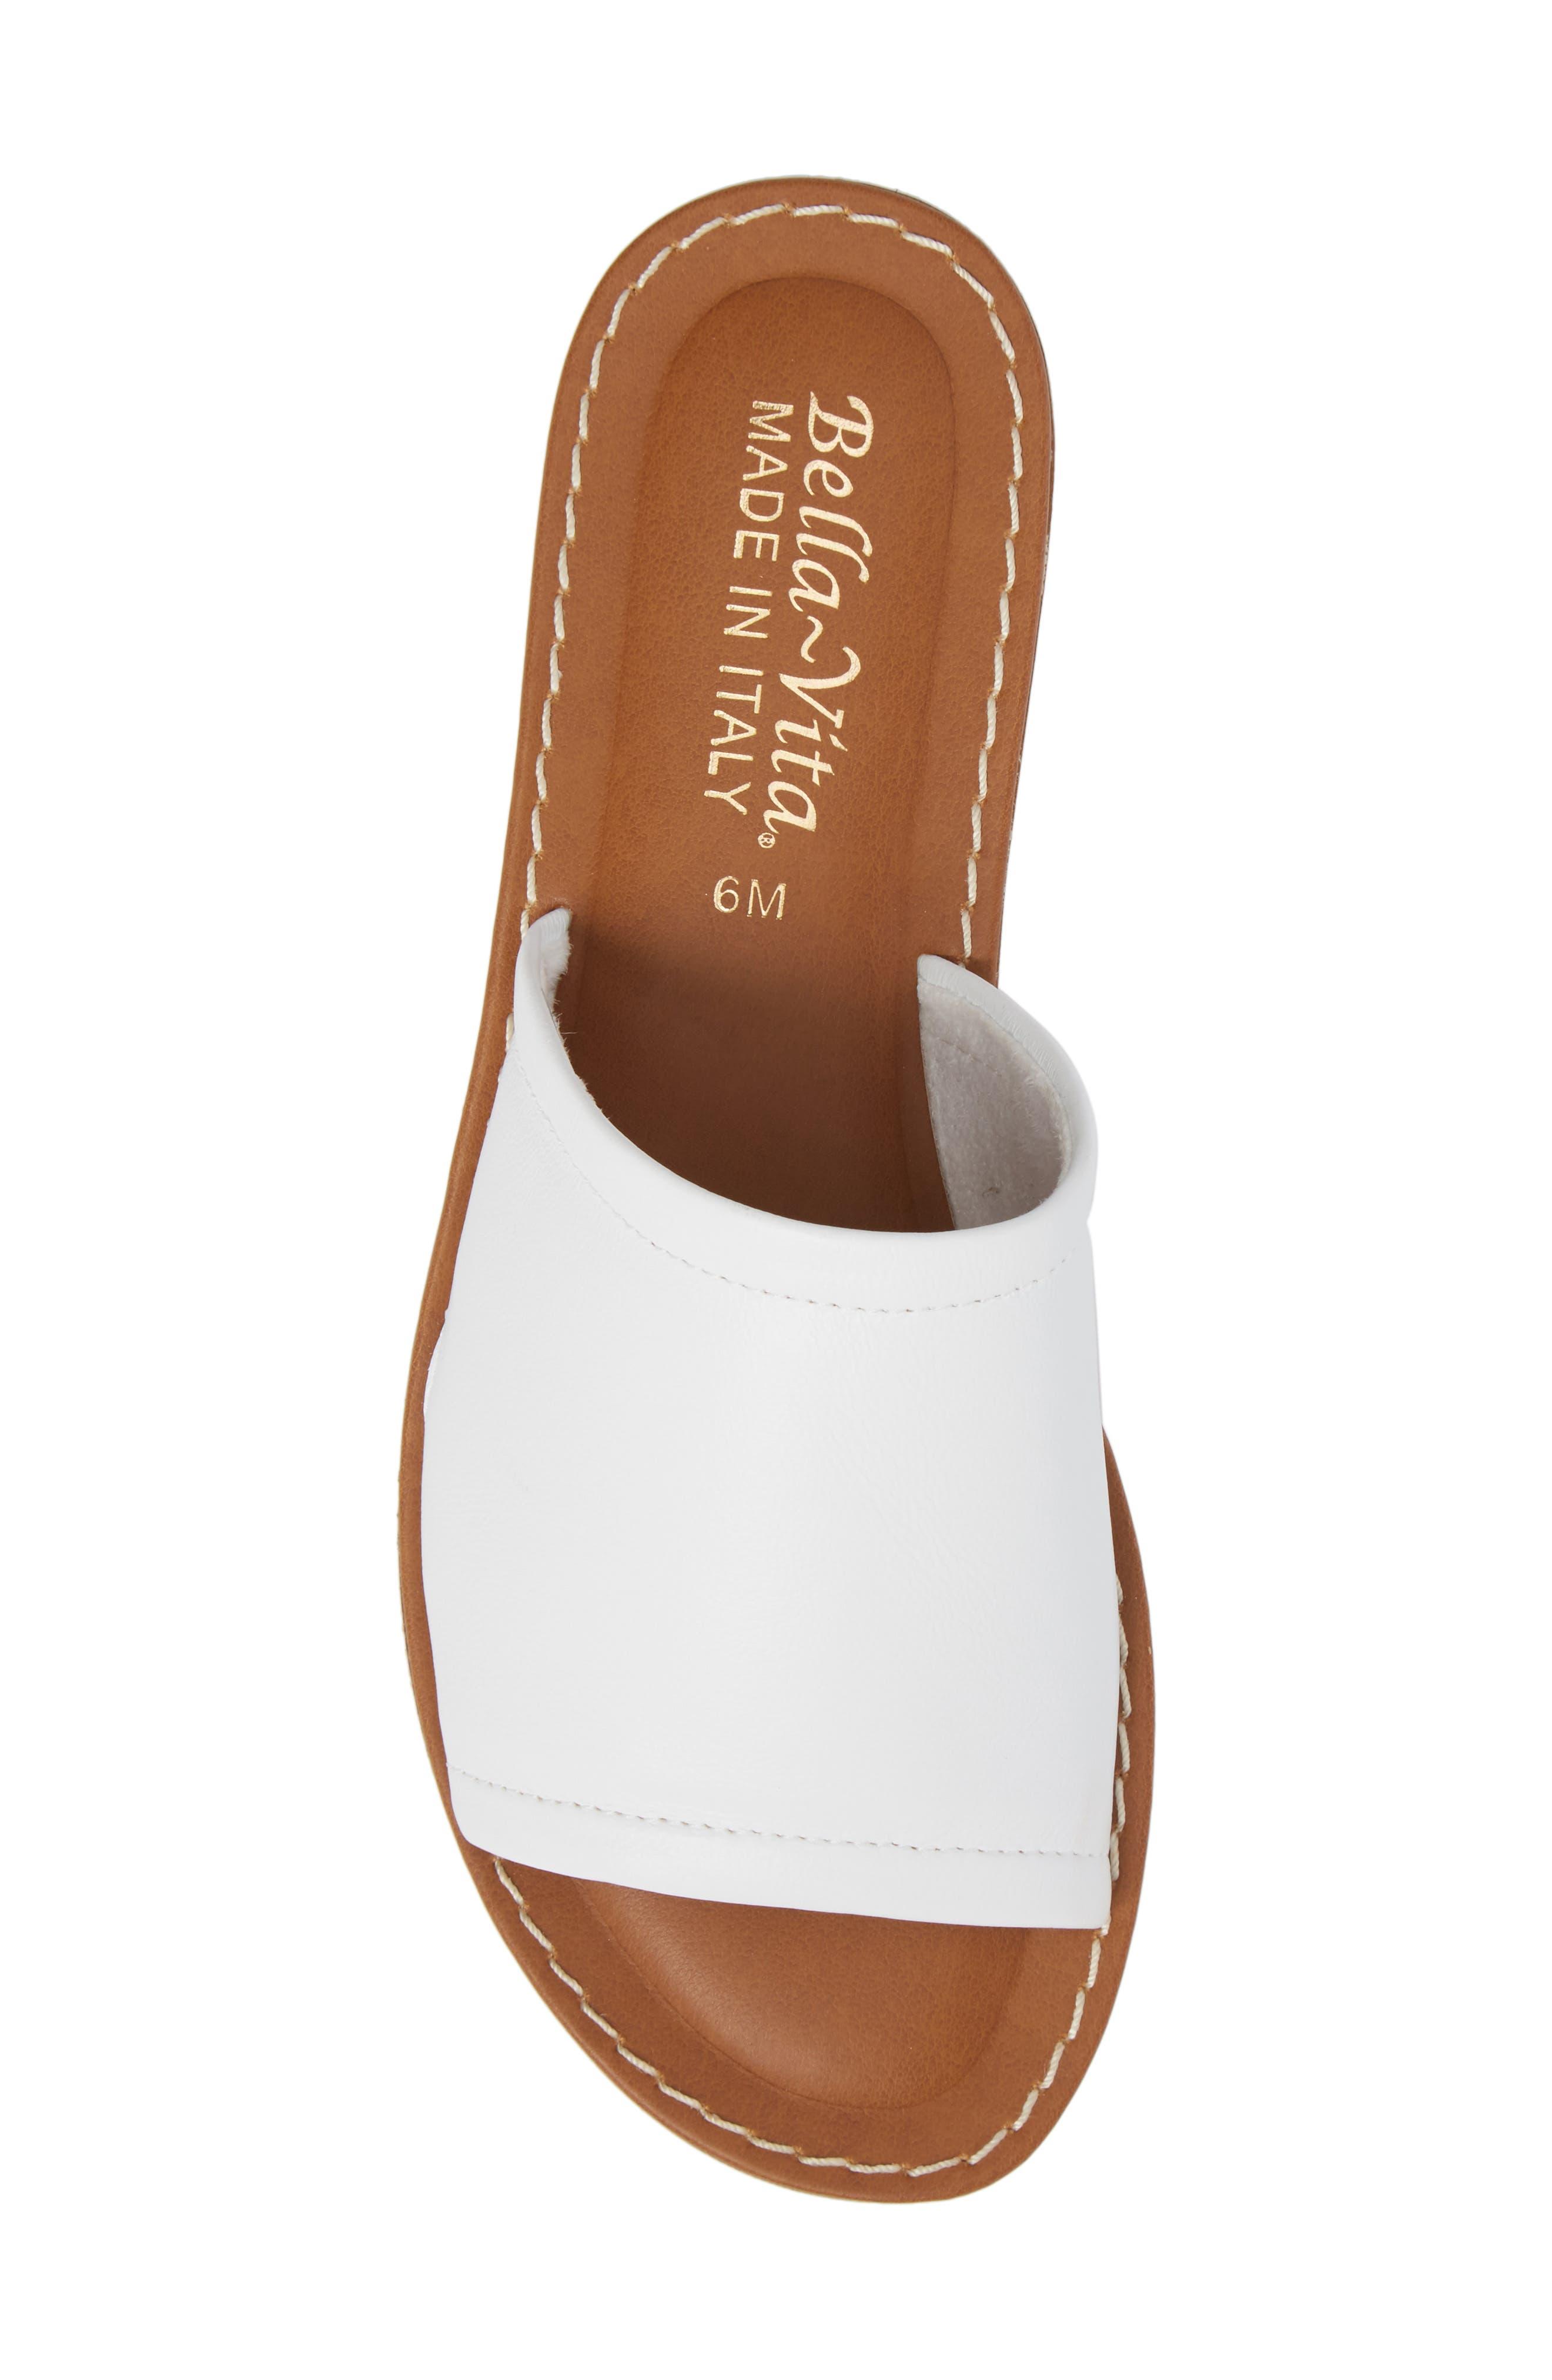 Ros Slide Sandal,                             Alternate thumbnail 5, color,                             White Leather